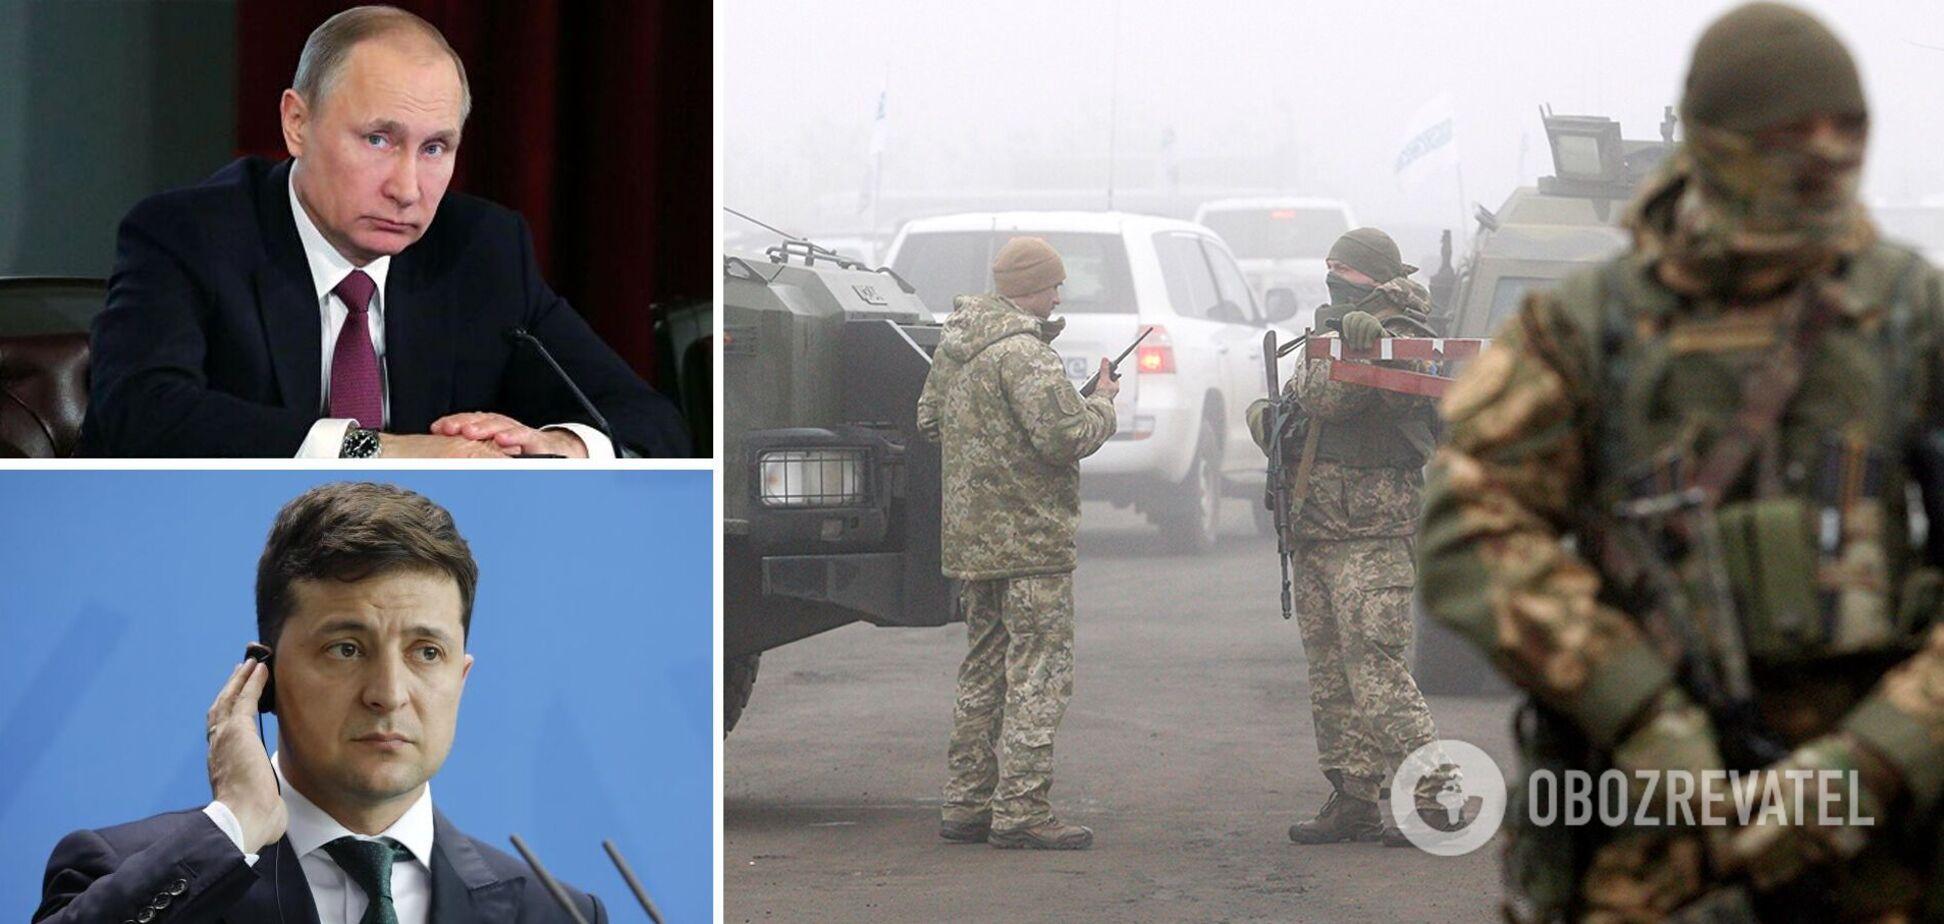 Радник Авакова: ми готові повернути окупований Донбас, потрібно рішення президента